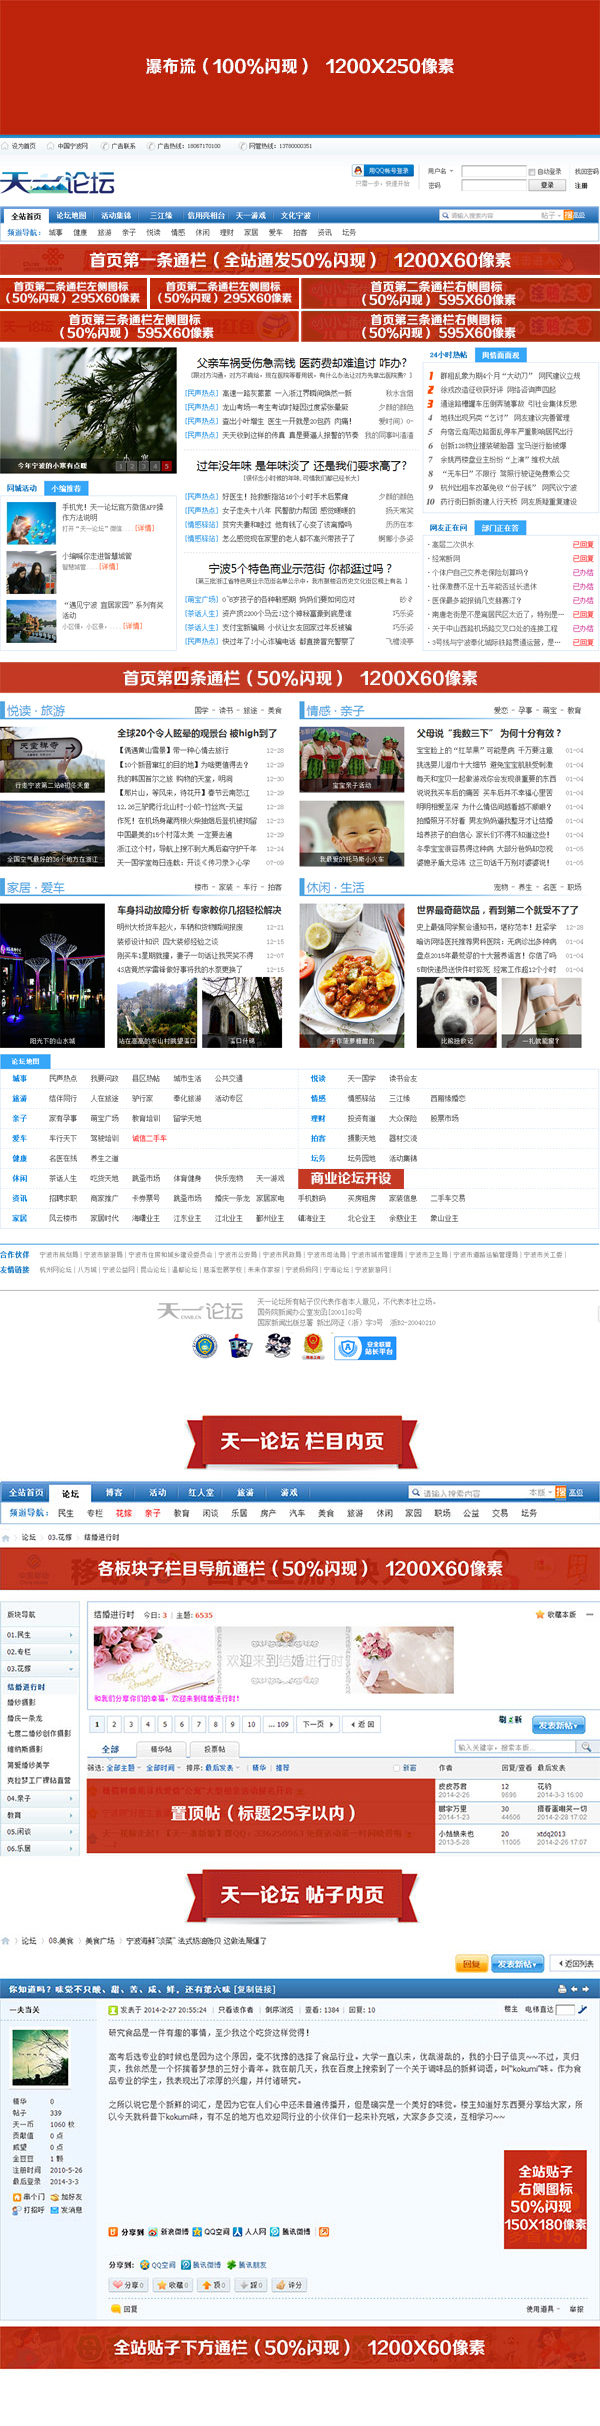 2015年中国宁波天一论坛广告收费标准-示意图